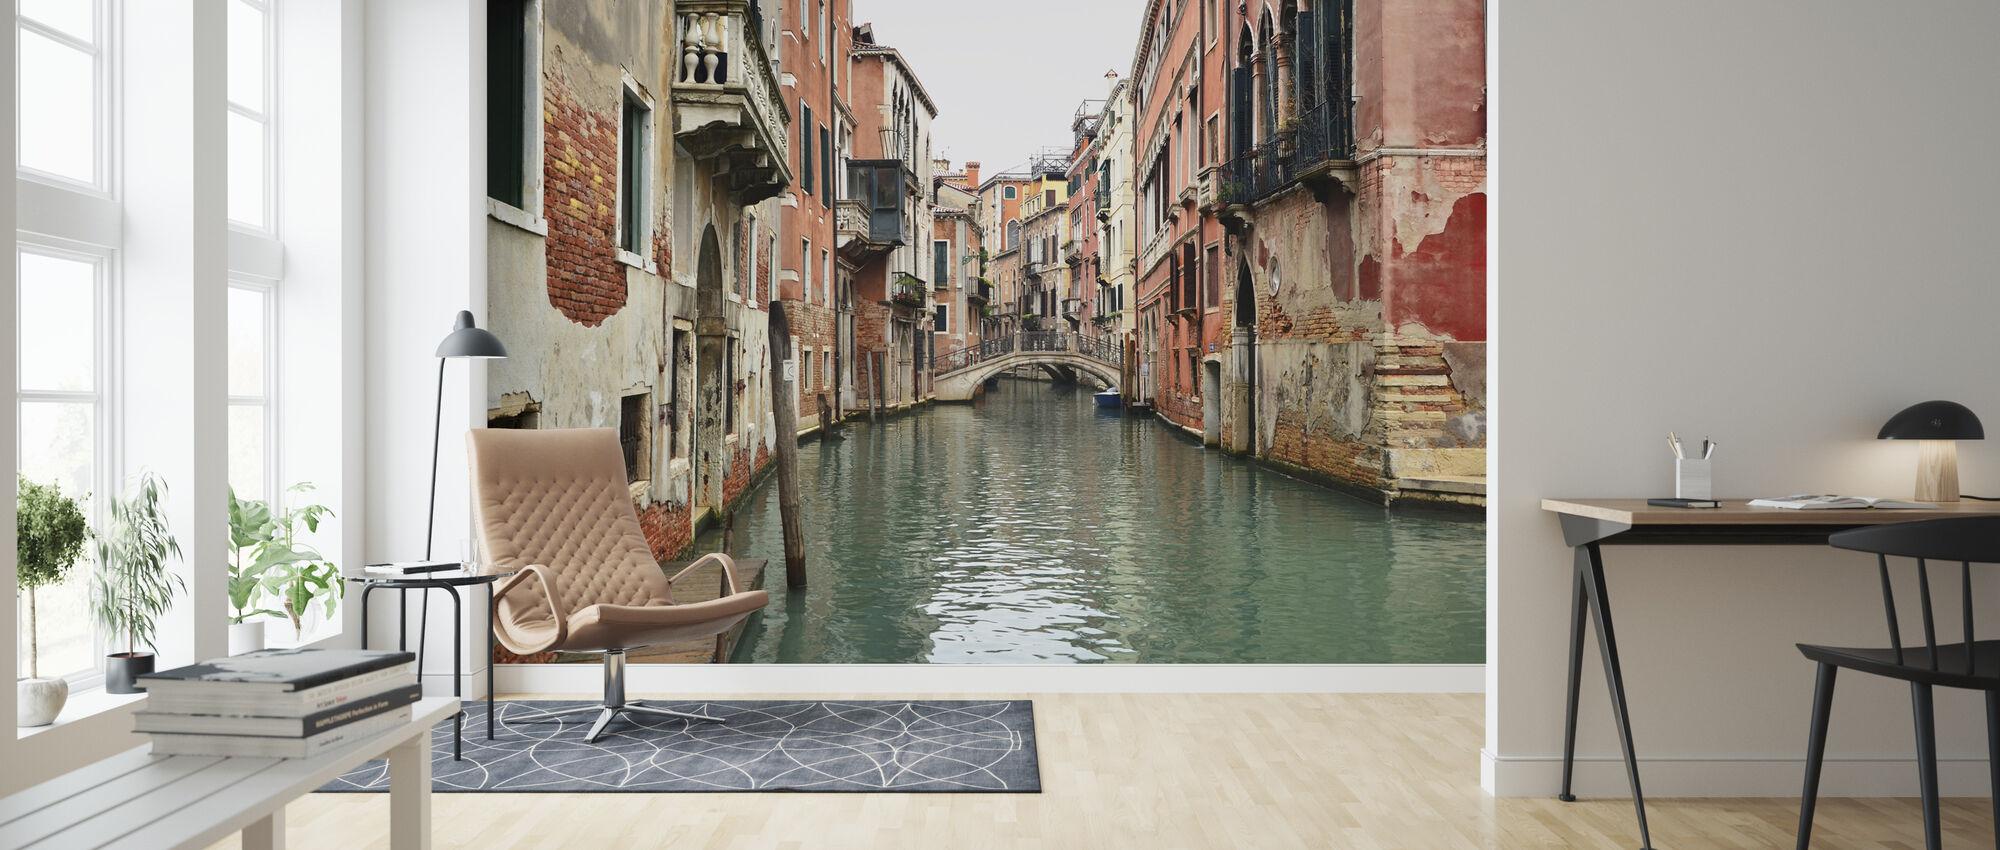 Teglsten og vandsmug i Venedig - Tapet - Stue